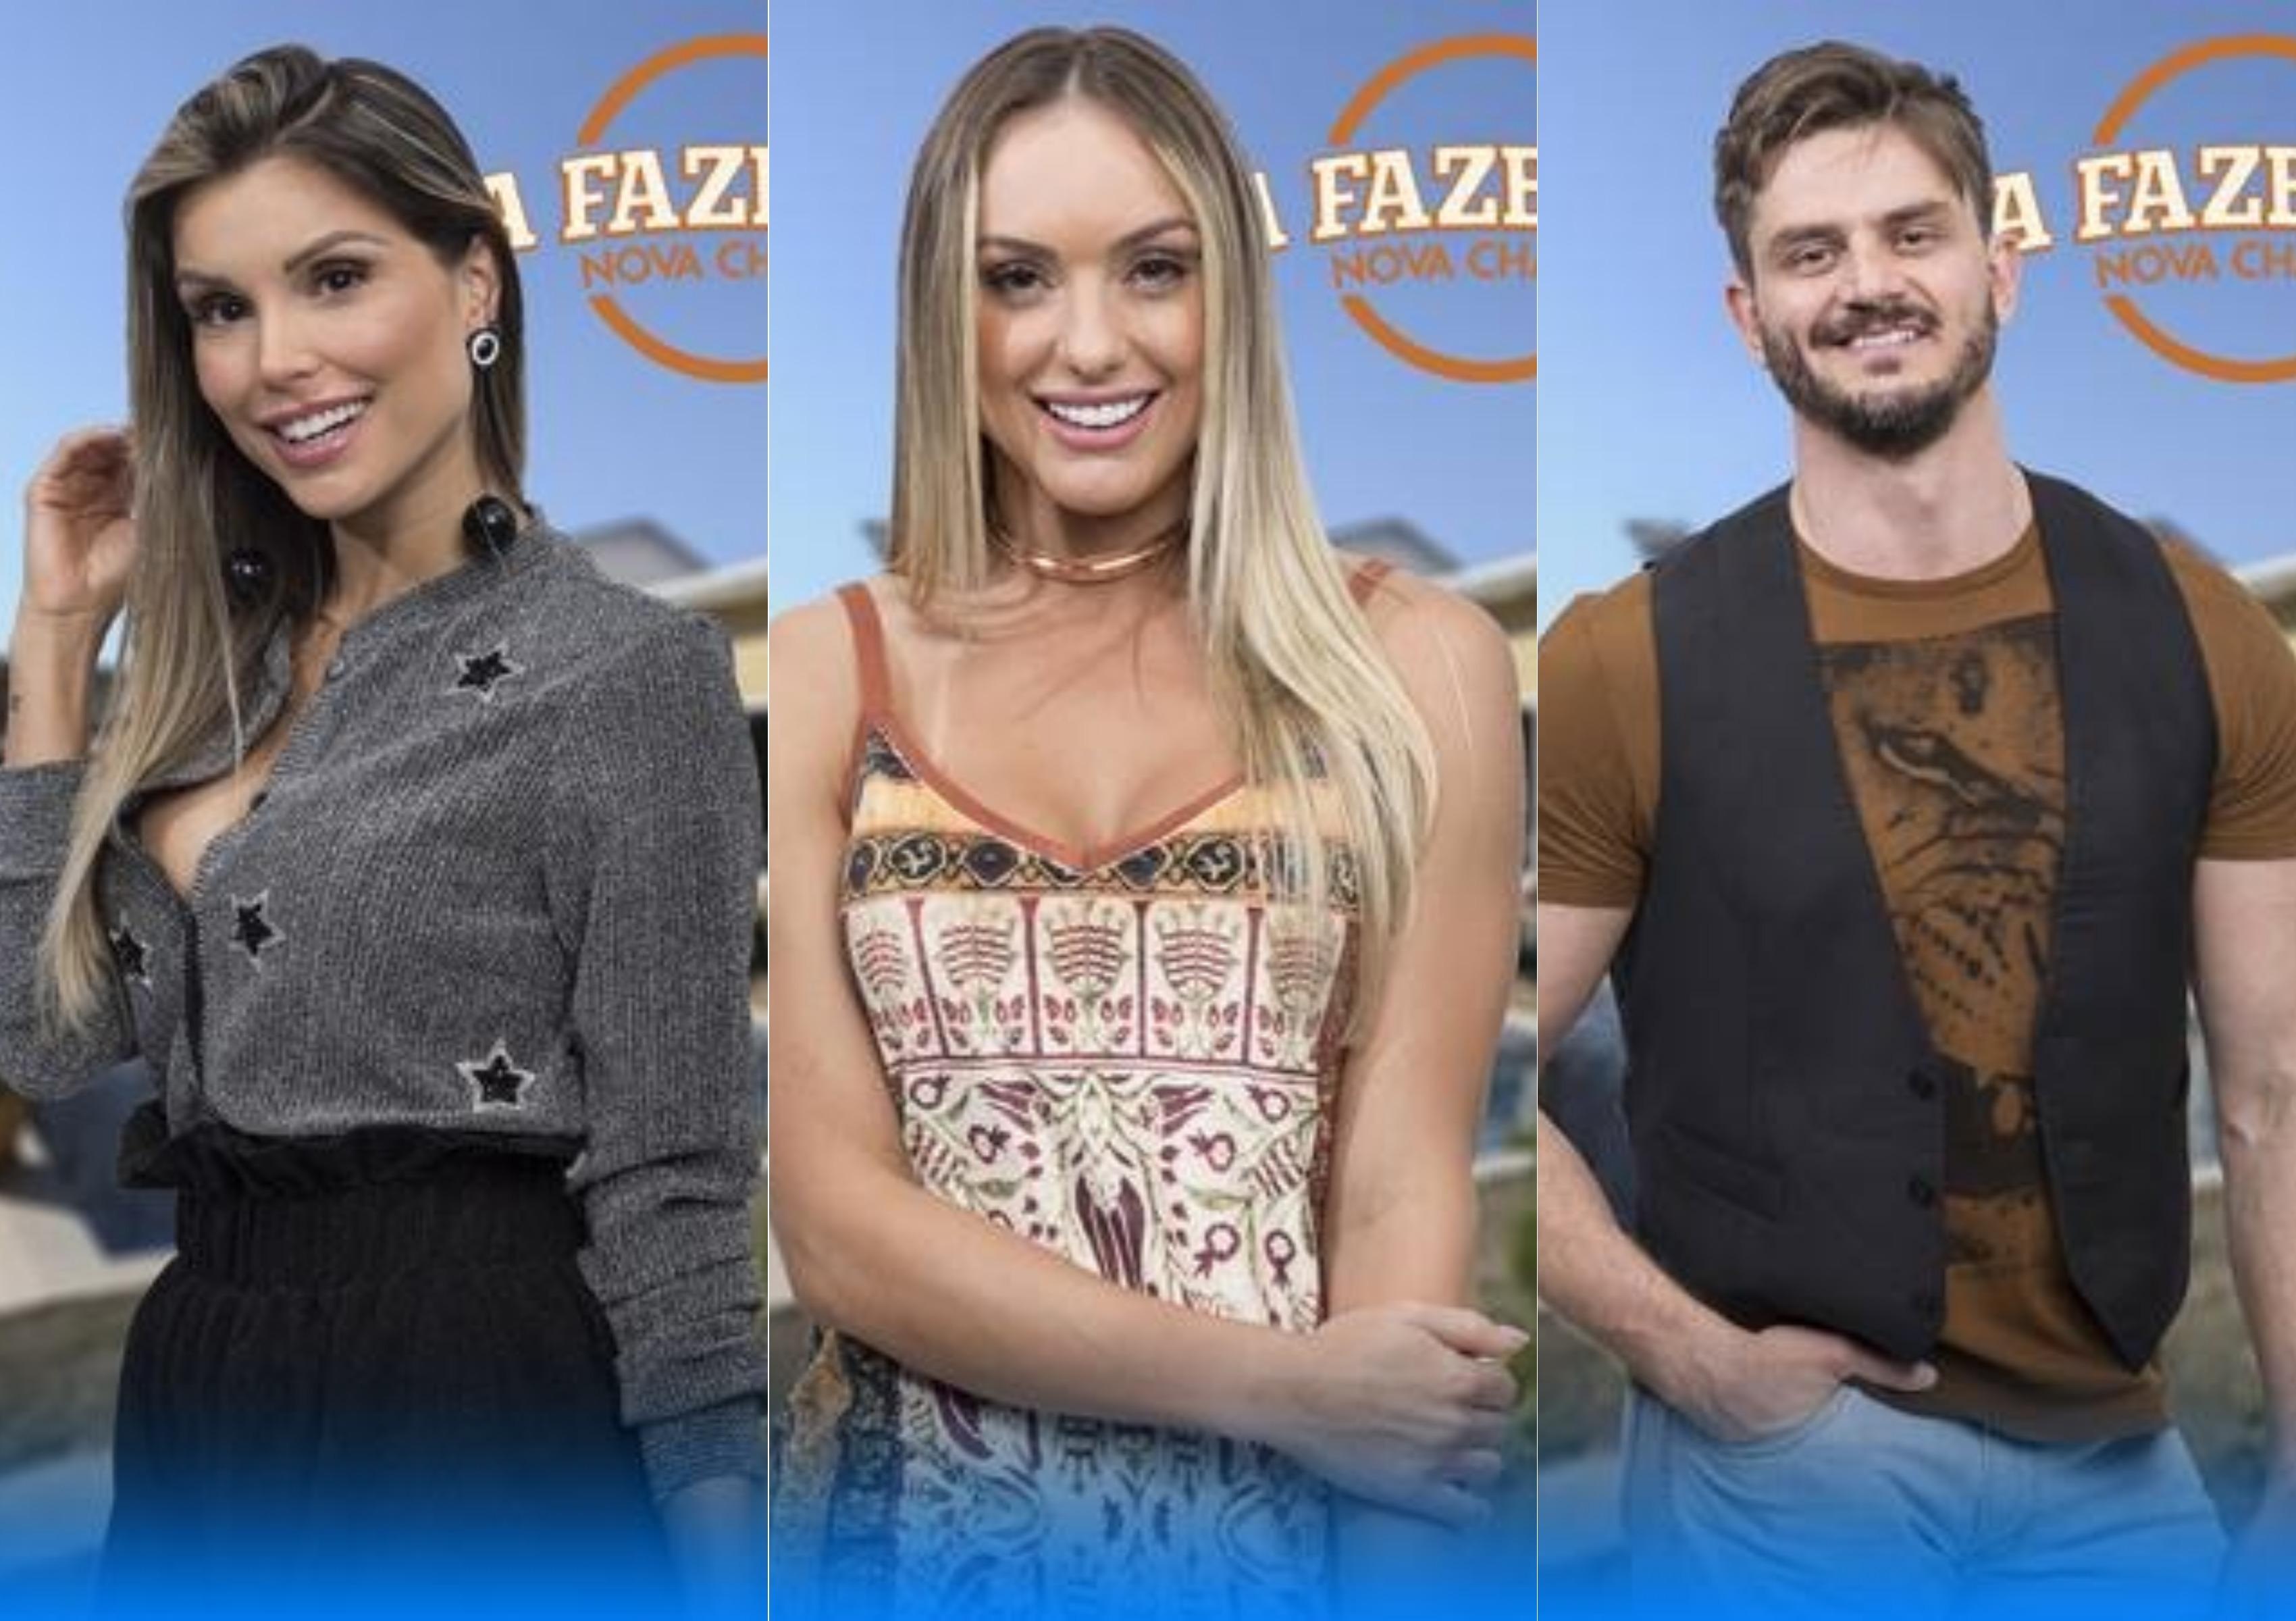 Flavia Viana, Monick Camargo e Marcos Harter estão na roça na Fazenda(Foto montagem: TV Foco)